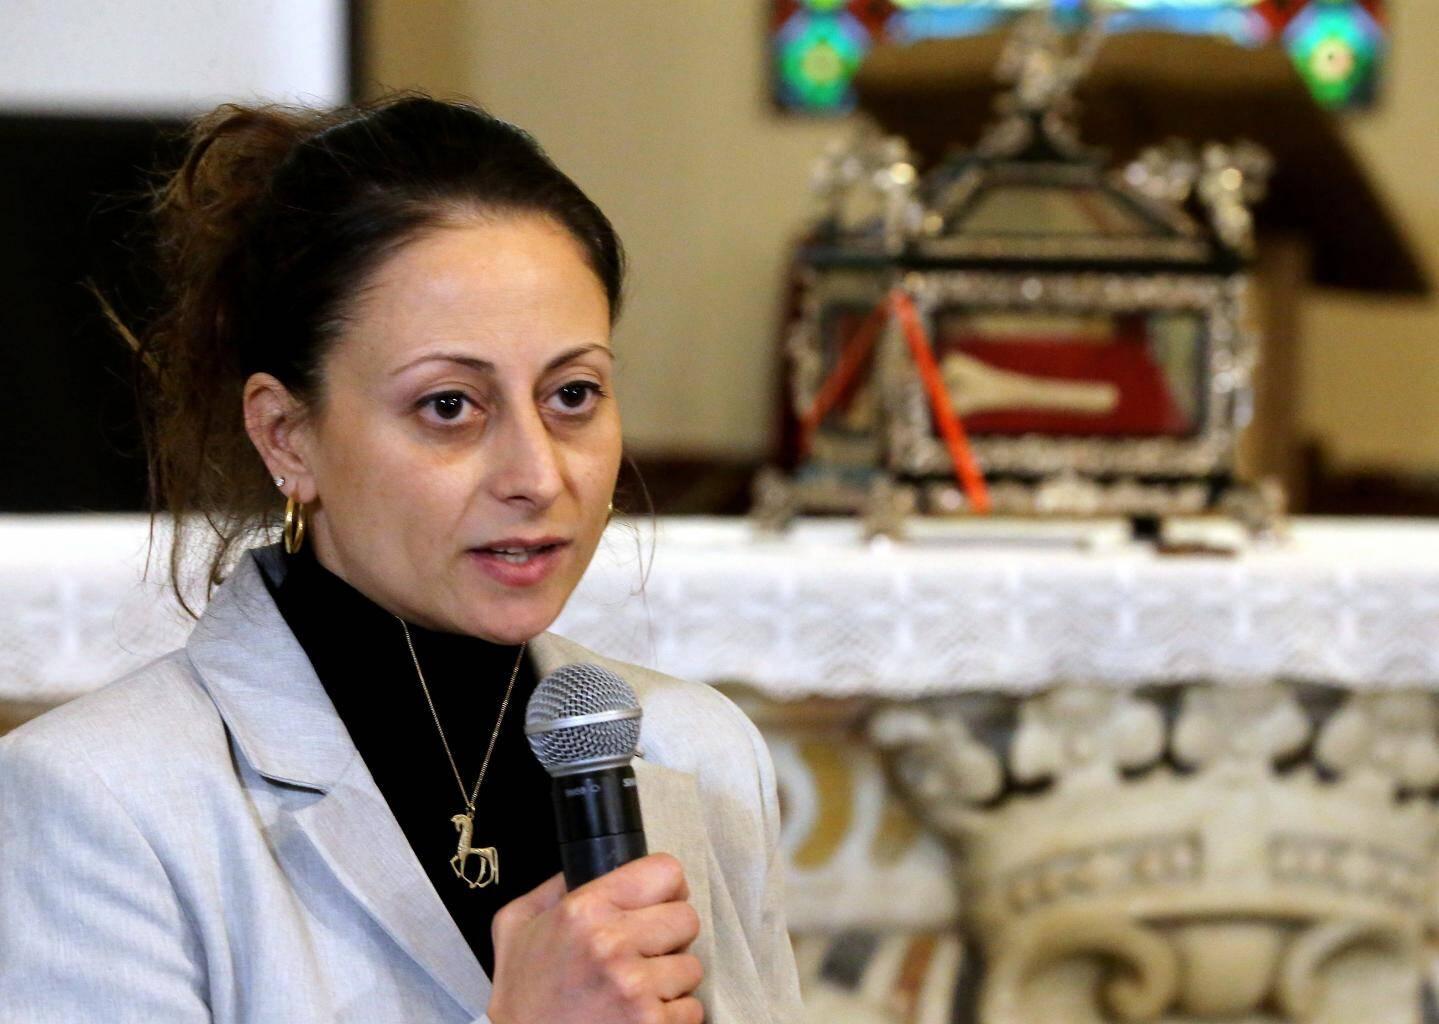 Elena Rossoni-Notter, chercheur archéologue, a conduit la mission scientifique qui a pris deux années pour décrypter les ossements vénérés.